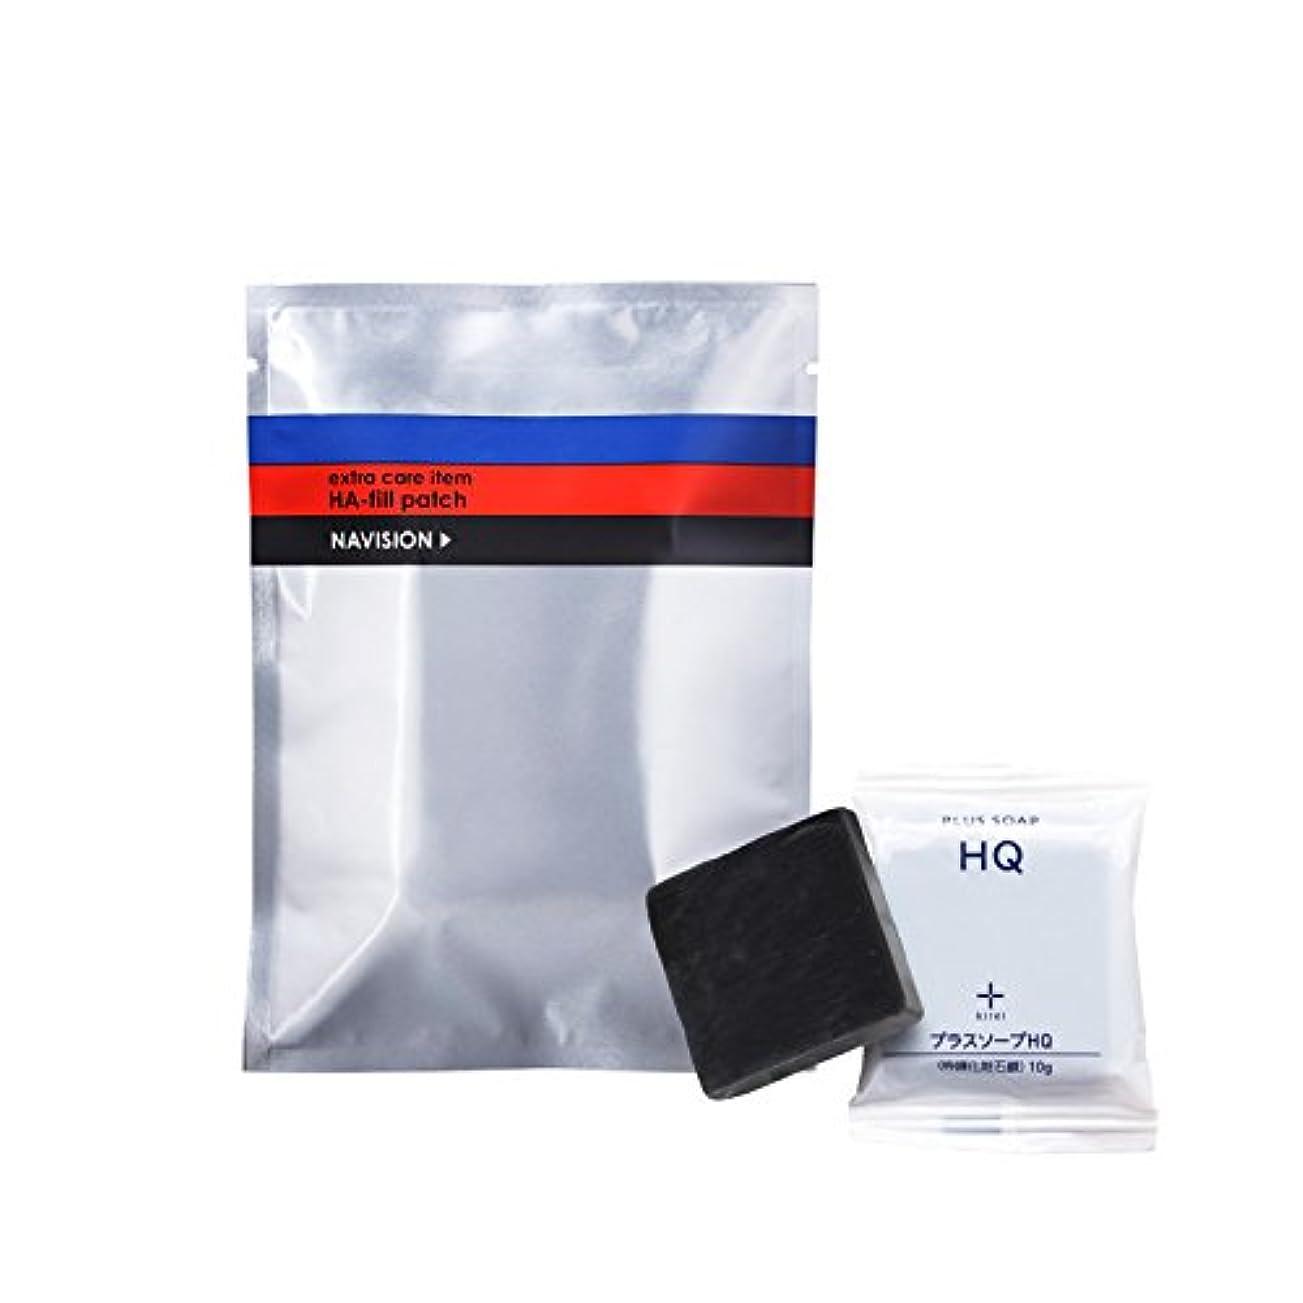 ミシン拡声器致命的ナビジョン NAVISION HAフィルパッチ(2枚×3包入) + プラスキレイ プラスソープHQミニ